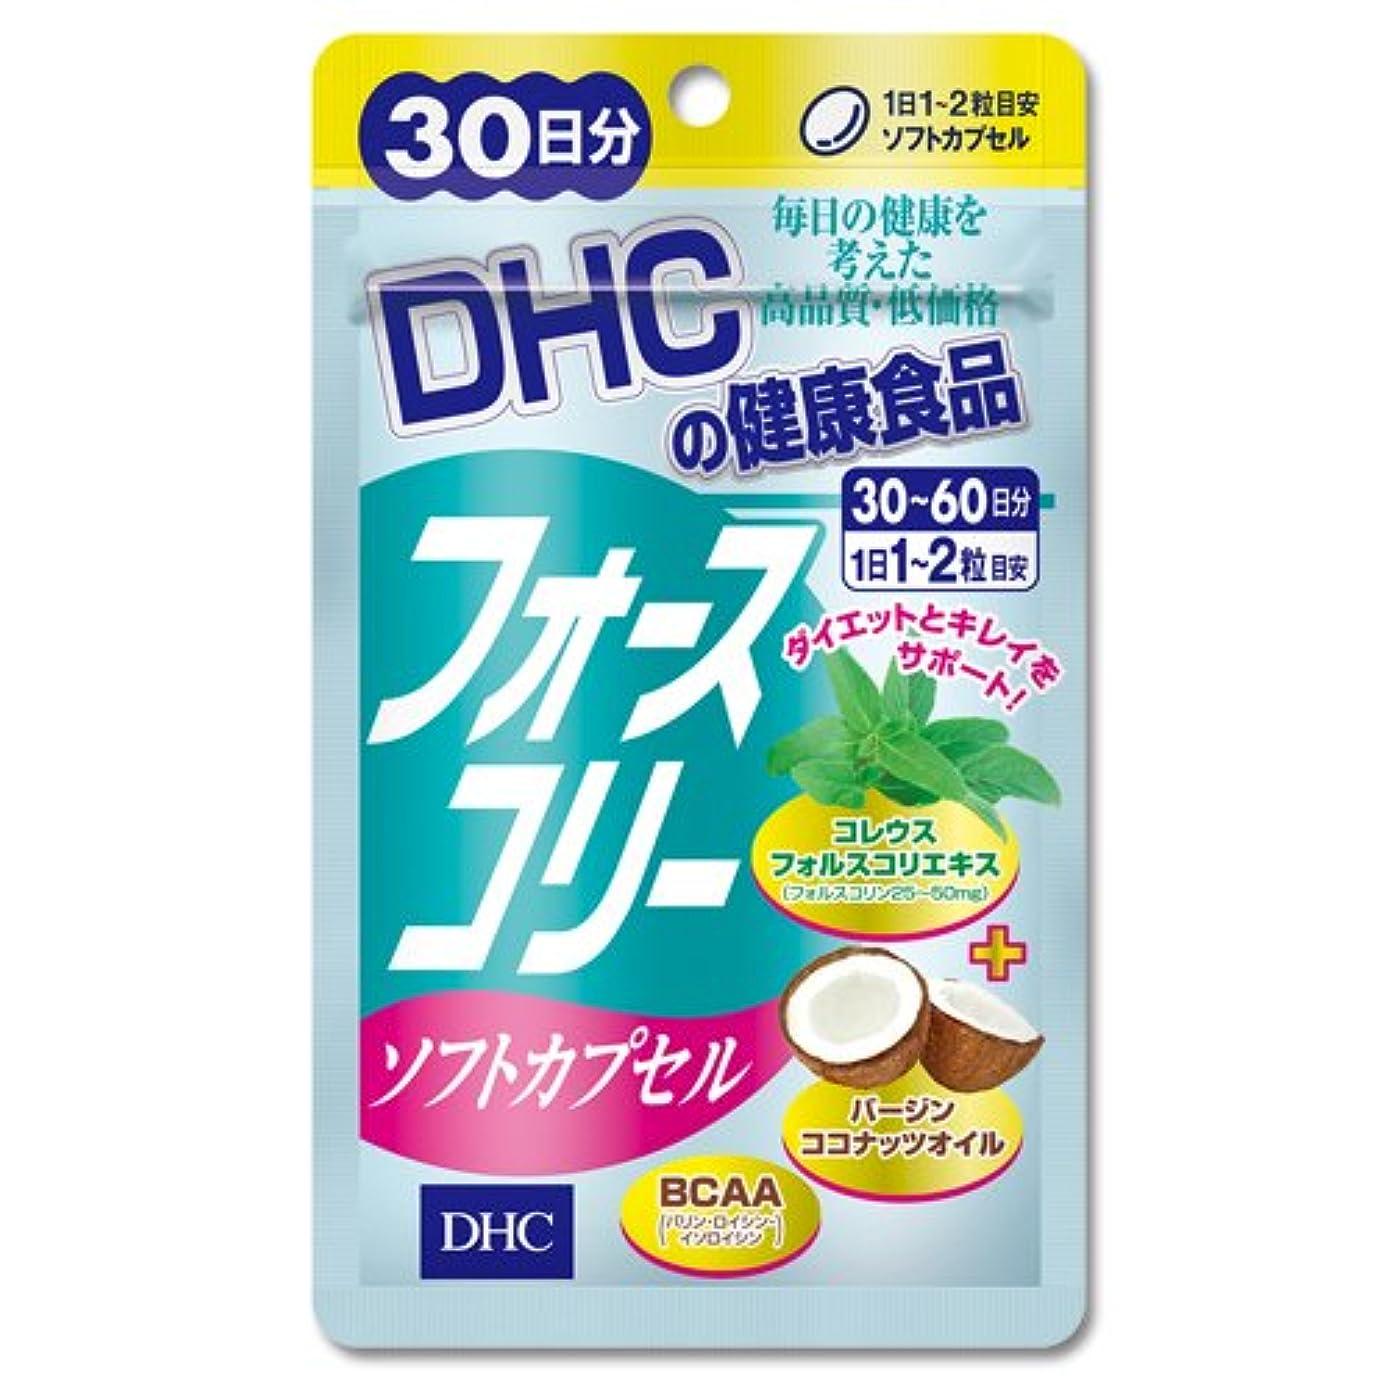 放散するイチゴ人工DHC フォースコリー ソフトカプセル 30日分